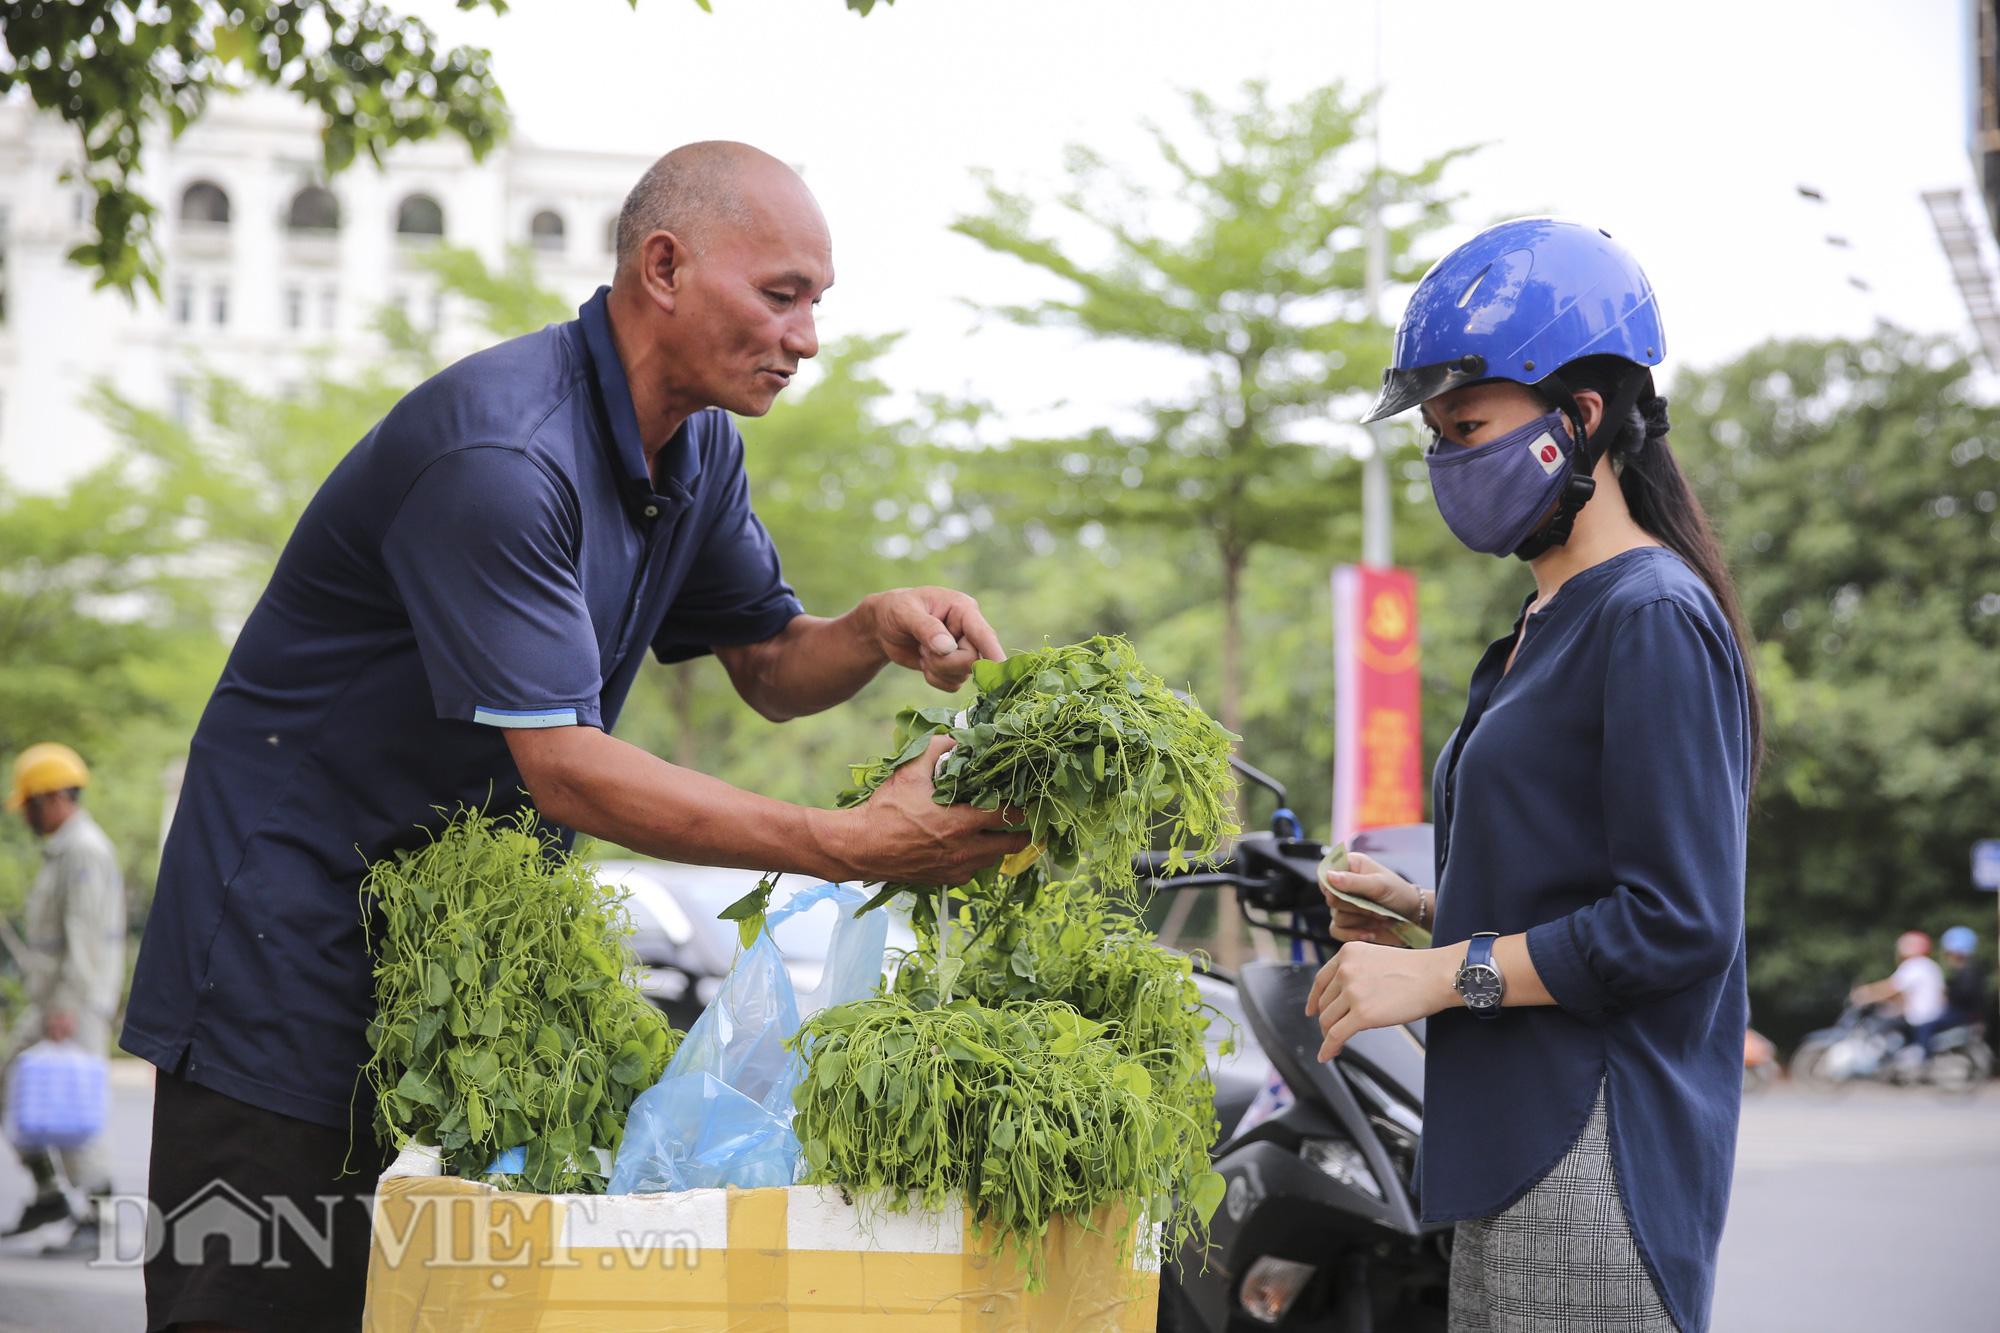 """Đặc sản rau rừng """"bò khai Tây Bắc"""" đổ về Hà Nội, 50.000 đồng/bó vẫn hút khách - Ảnh 6."""